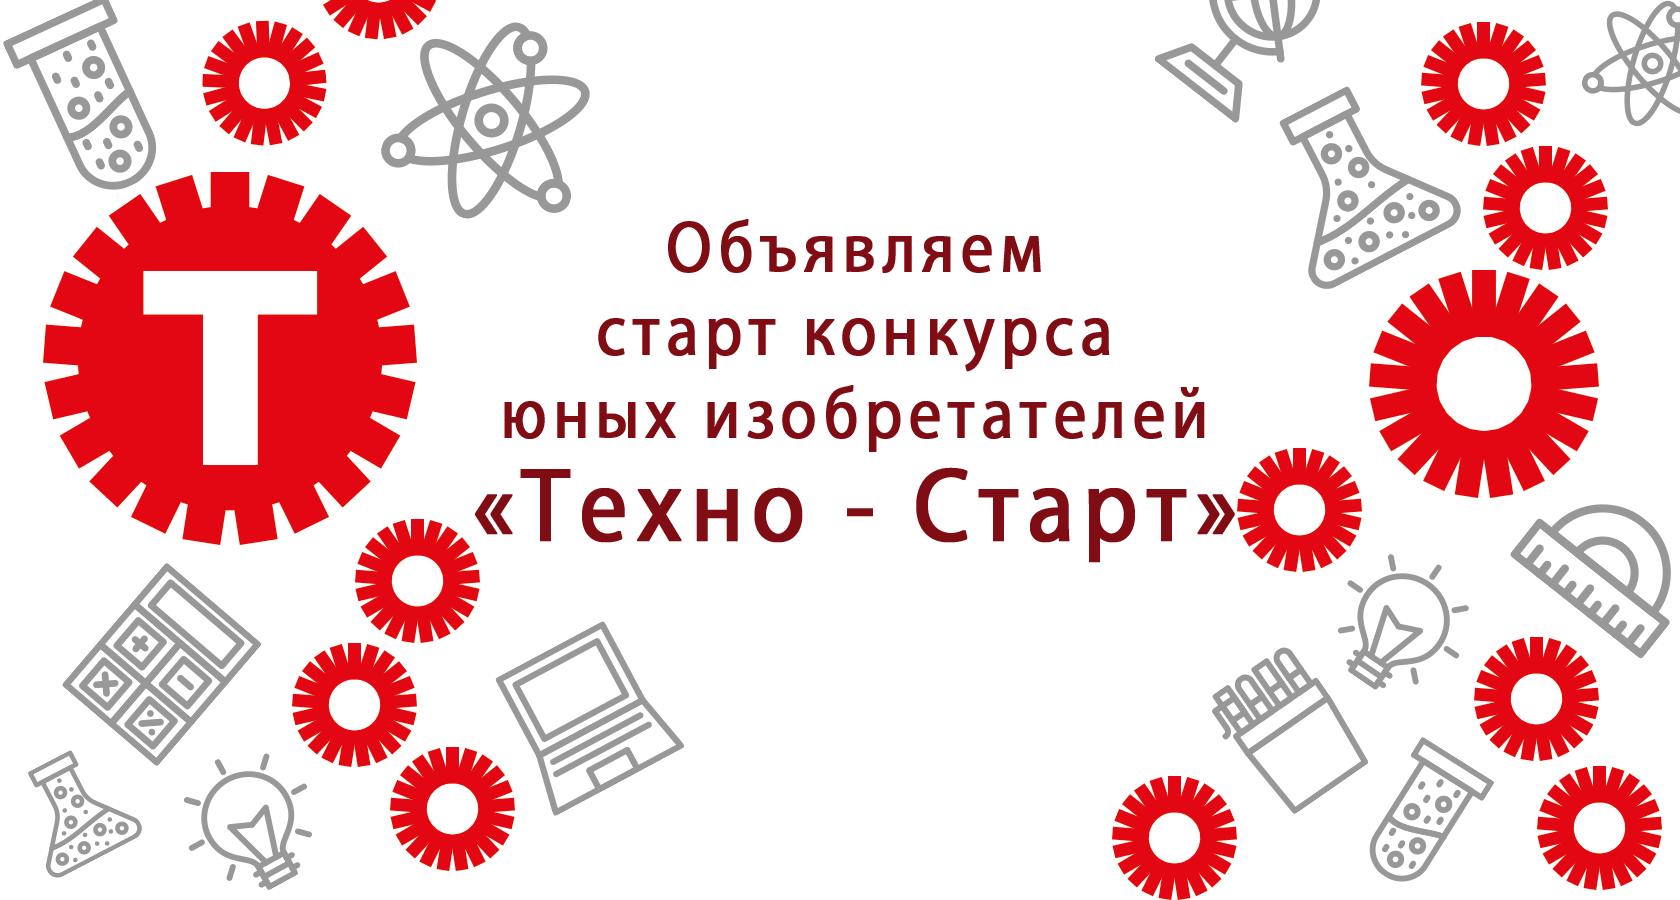 Начался приём заявок на конкурс «Техно-Старт»